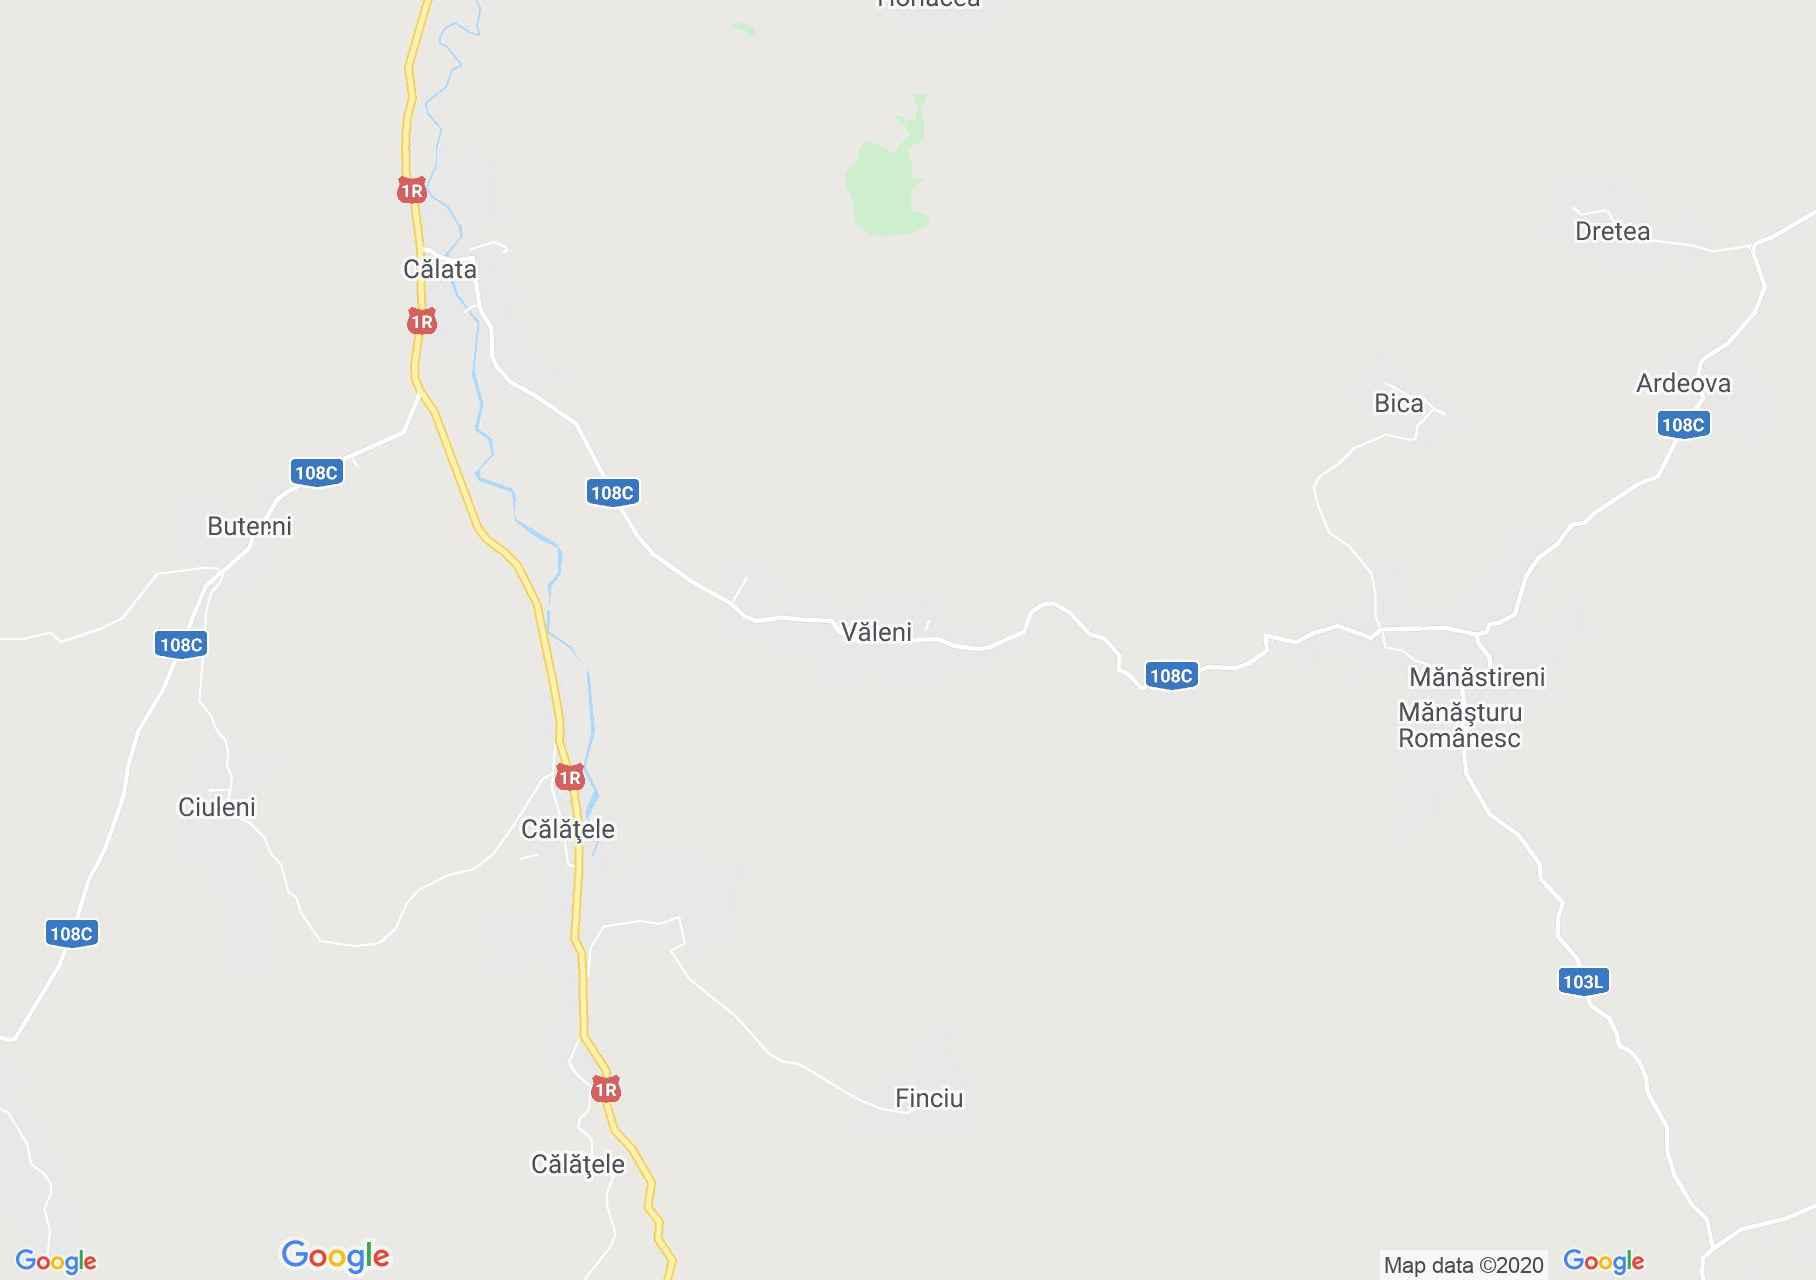 Văleni, Harta turistică interactivă